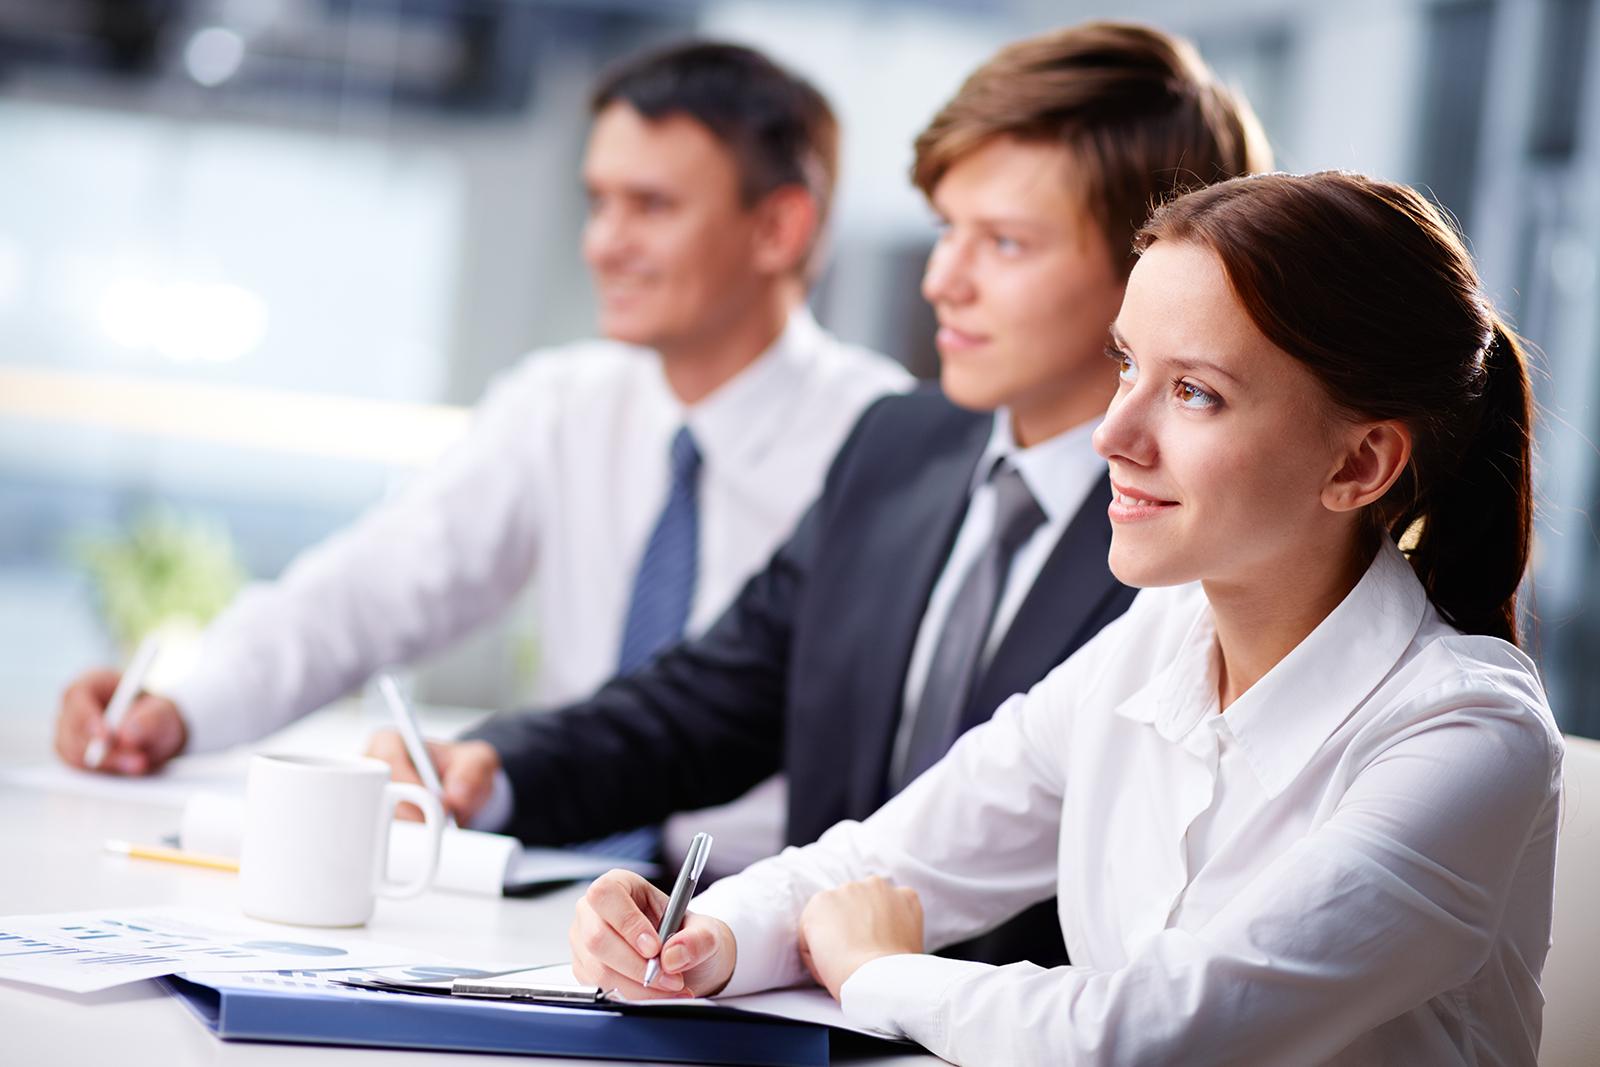 Munkahelyi képzések támogatása nagyvállalatok és KKV-k munkavállalói számára GINOP-6.1.5-17/ 6.1.6-17. és VEKOP-8.5.2-17/ 8.5.3-17